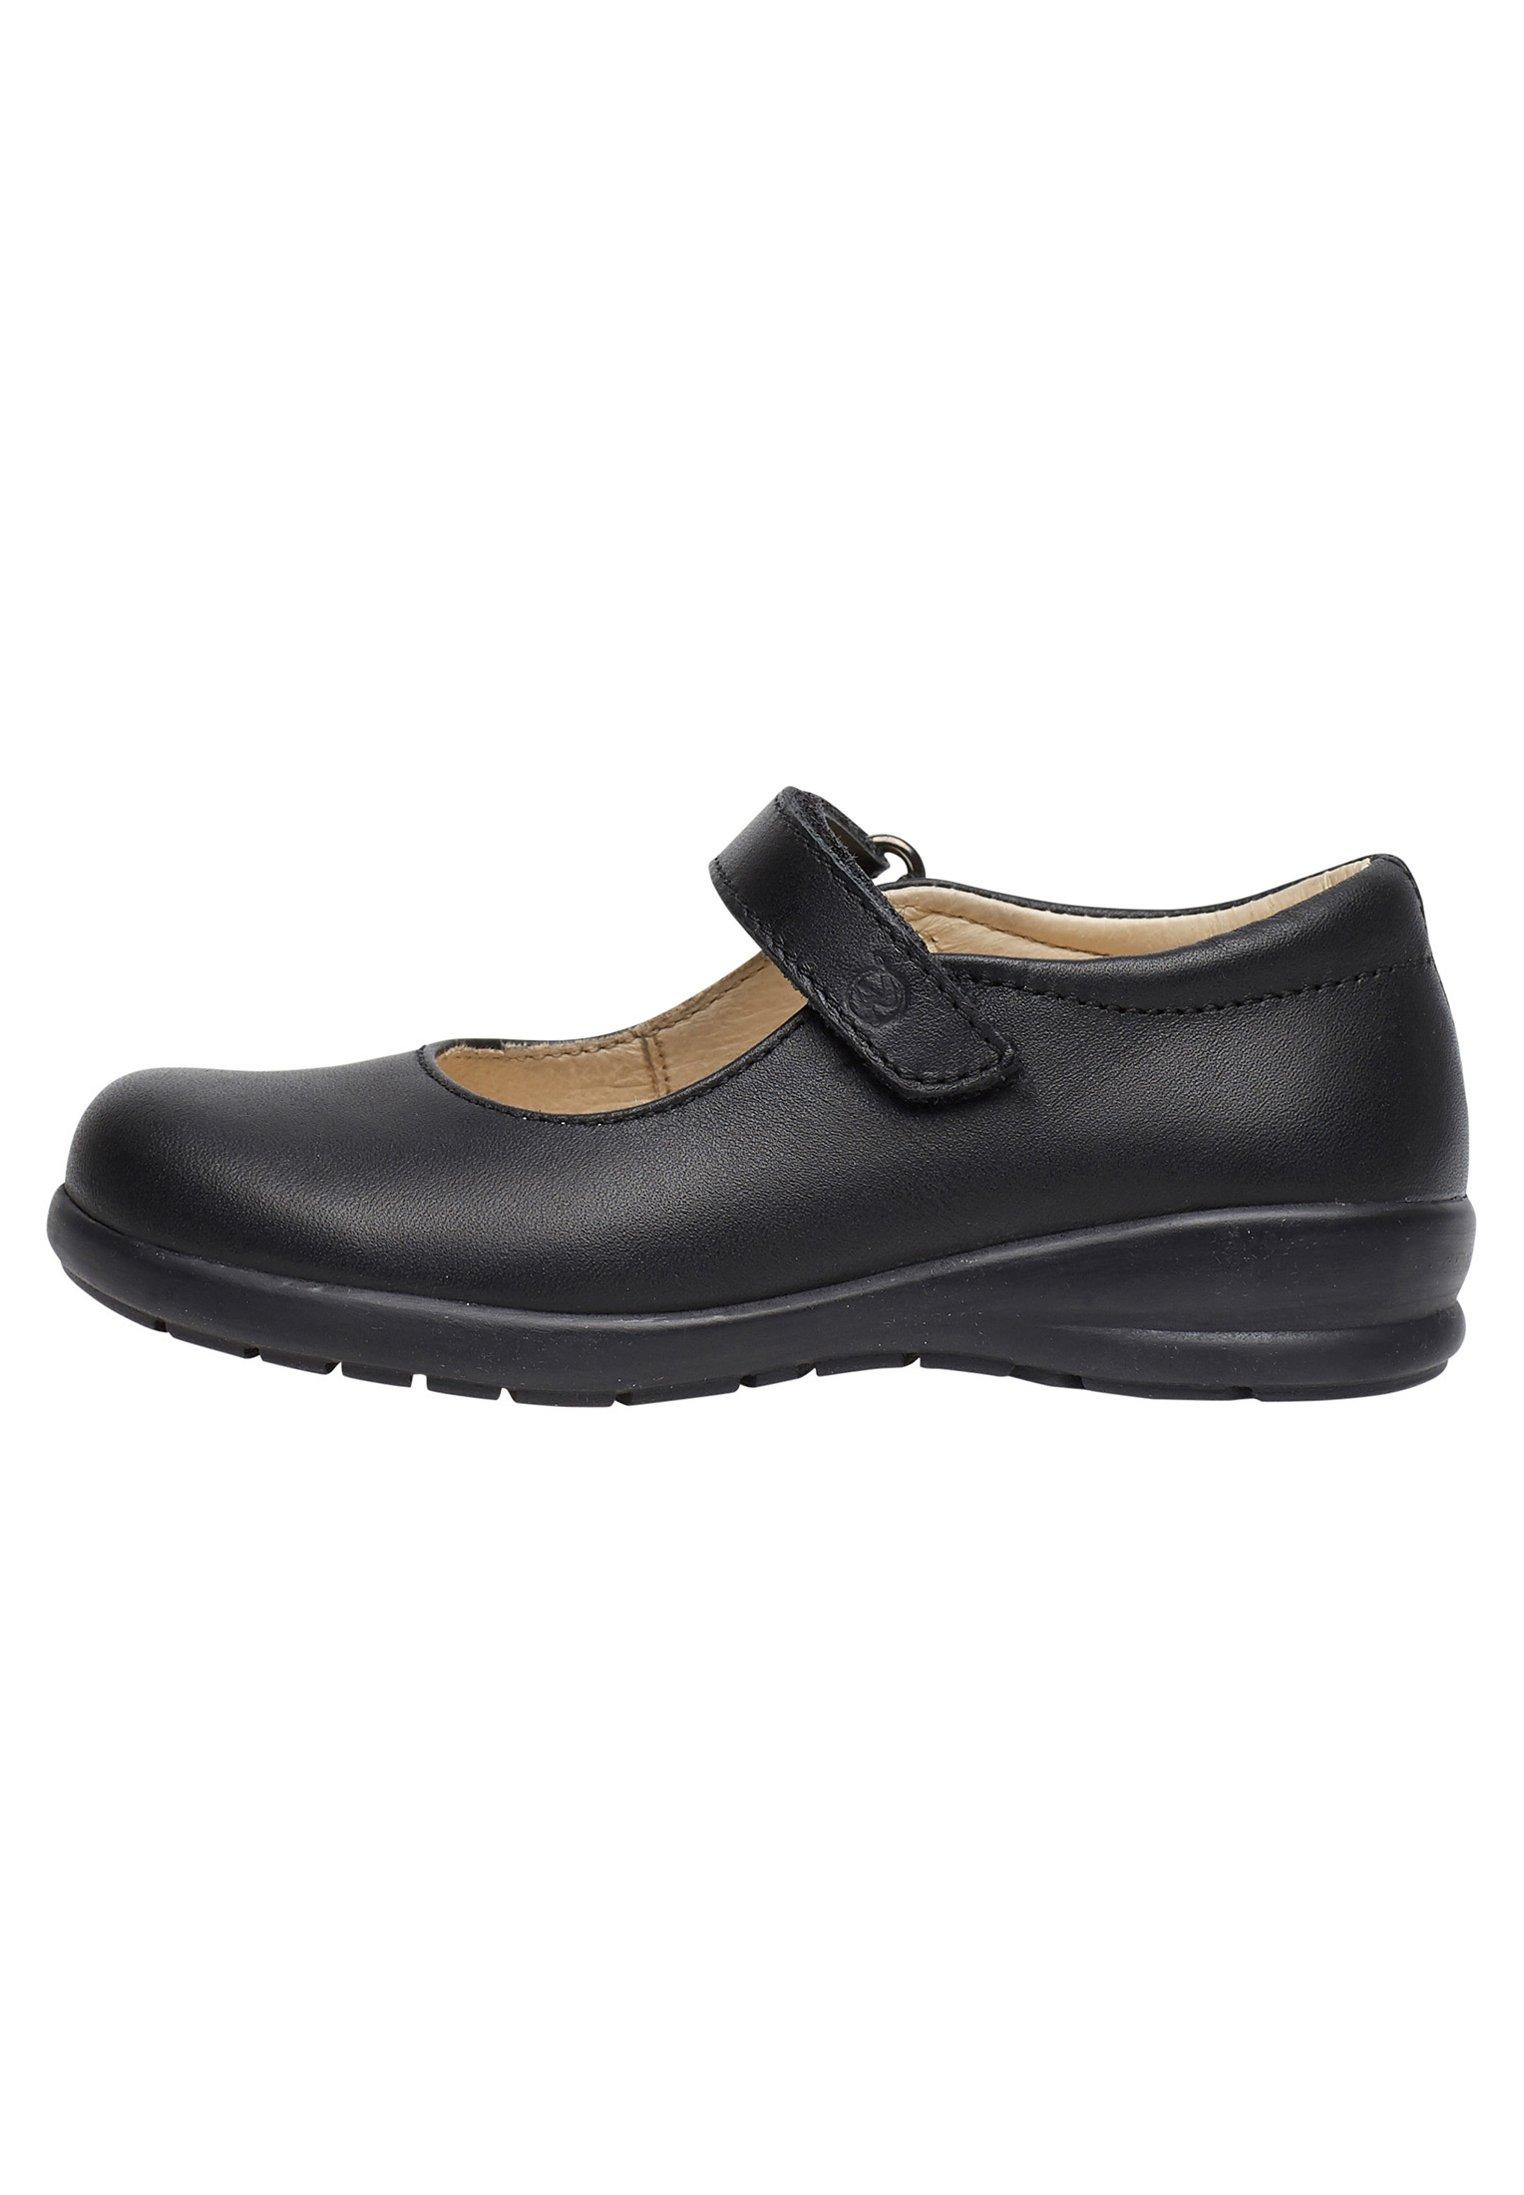 Enfant CATANIA - Chaussures premiers pas